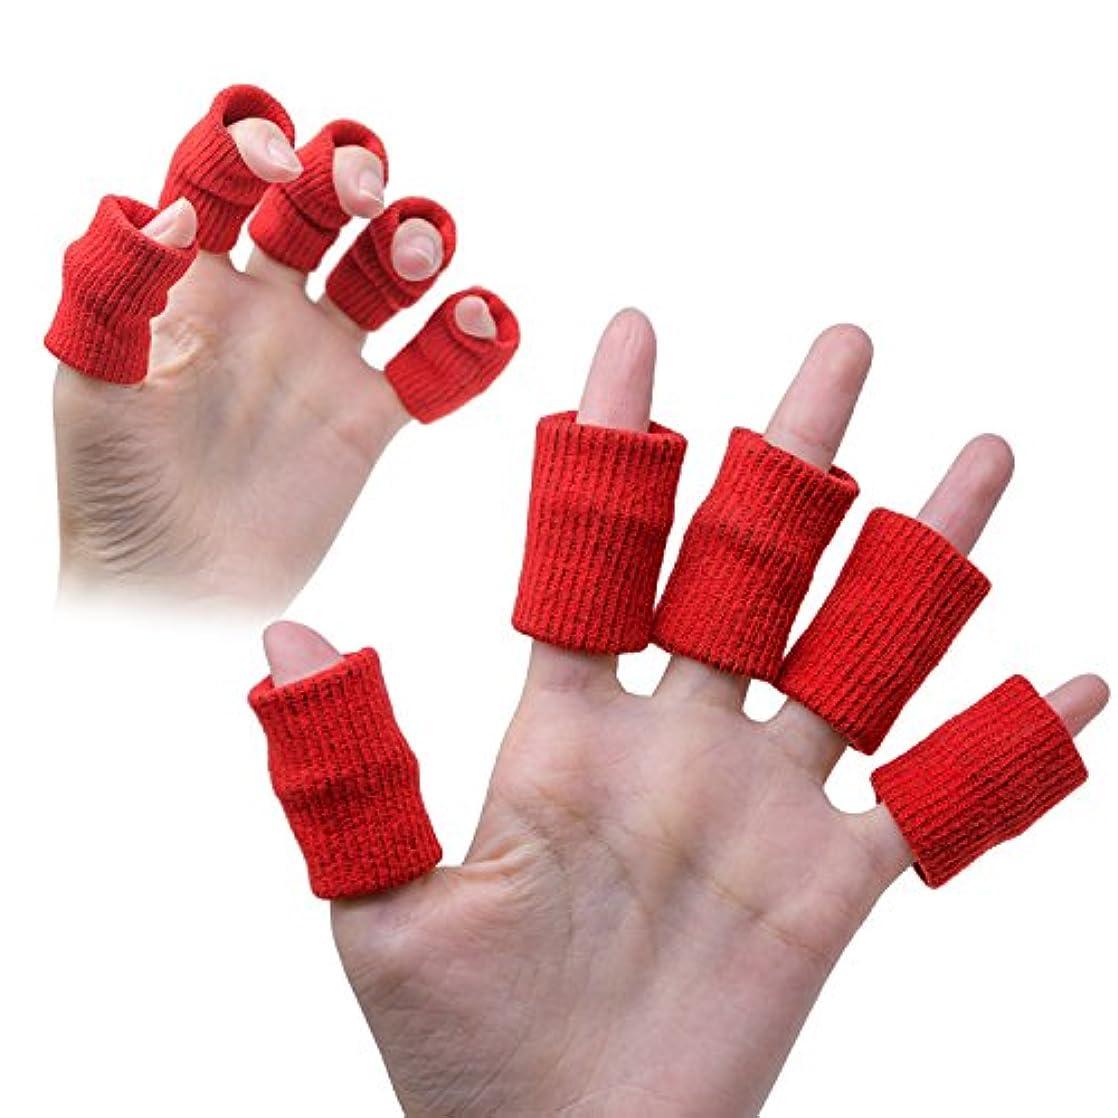 無臭ブロンズ欠かせないSumifun 親指プロテクター 足指チューブ ? ゲルプロテクター ケア指スリーブ&指先保護は関節炎、硬さ、痛みを緩和する